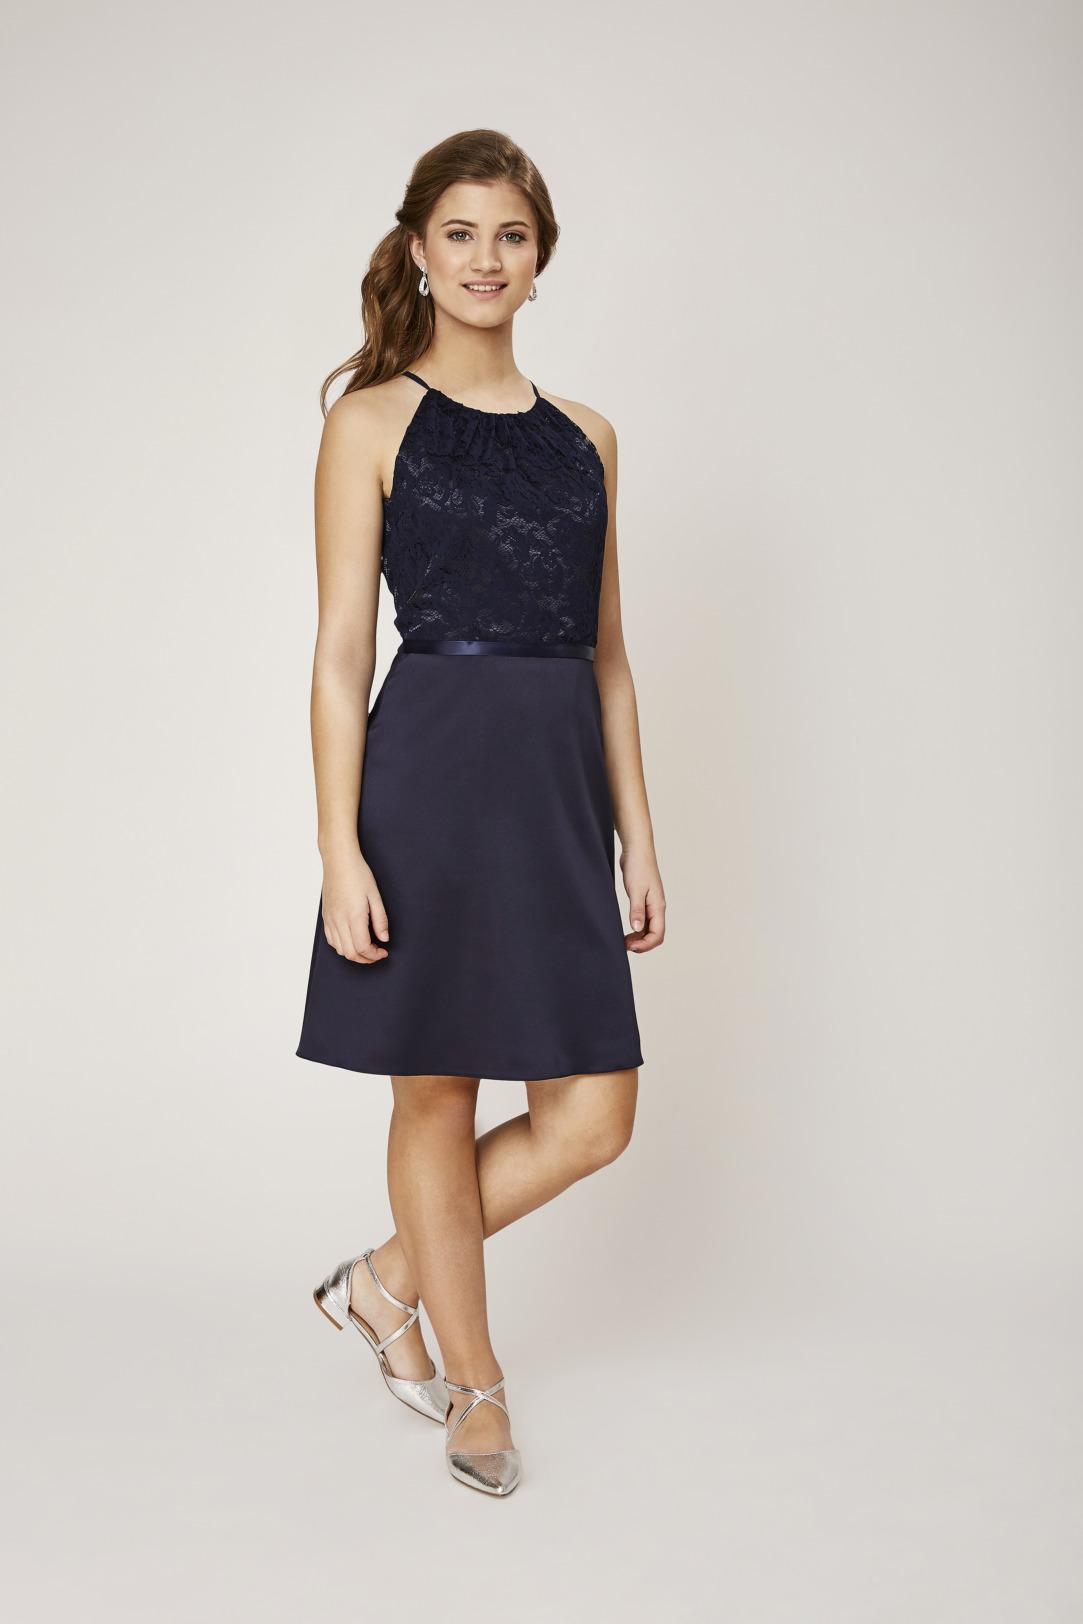 Konfirmation Abendkleider schön ausgefallen jung dunkelblau navy schlicht Oberteil aus Spitze Rock aus Satin kurzes Kleid